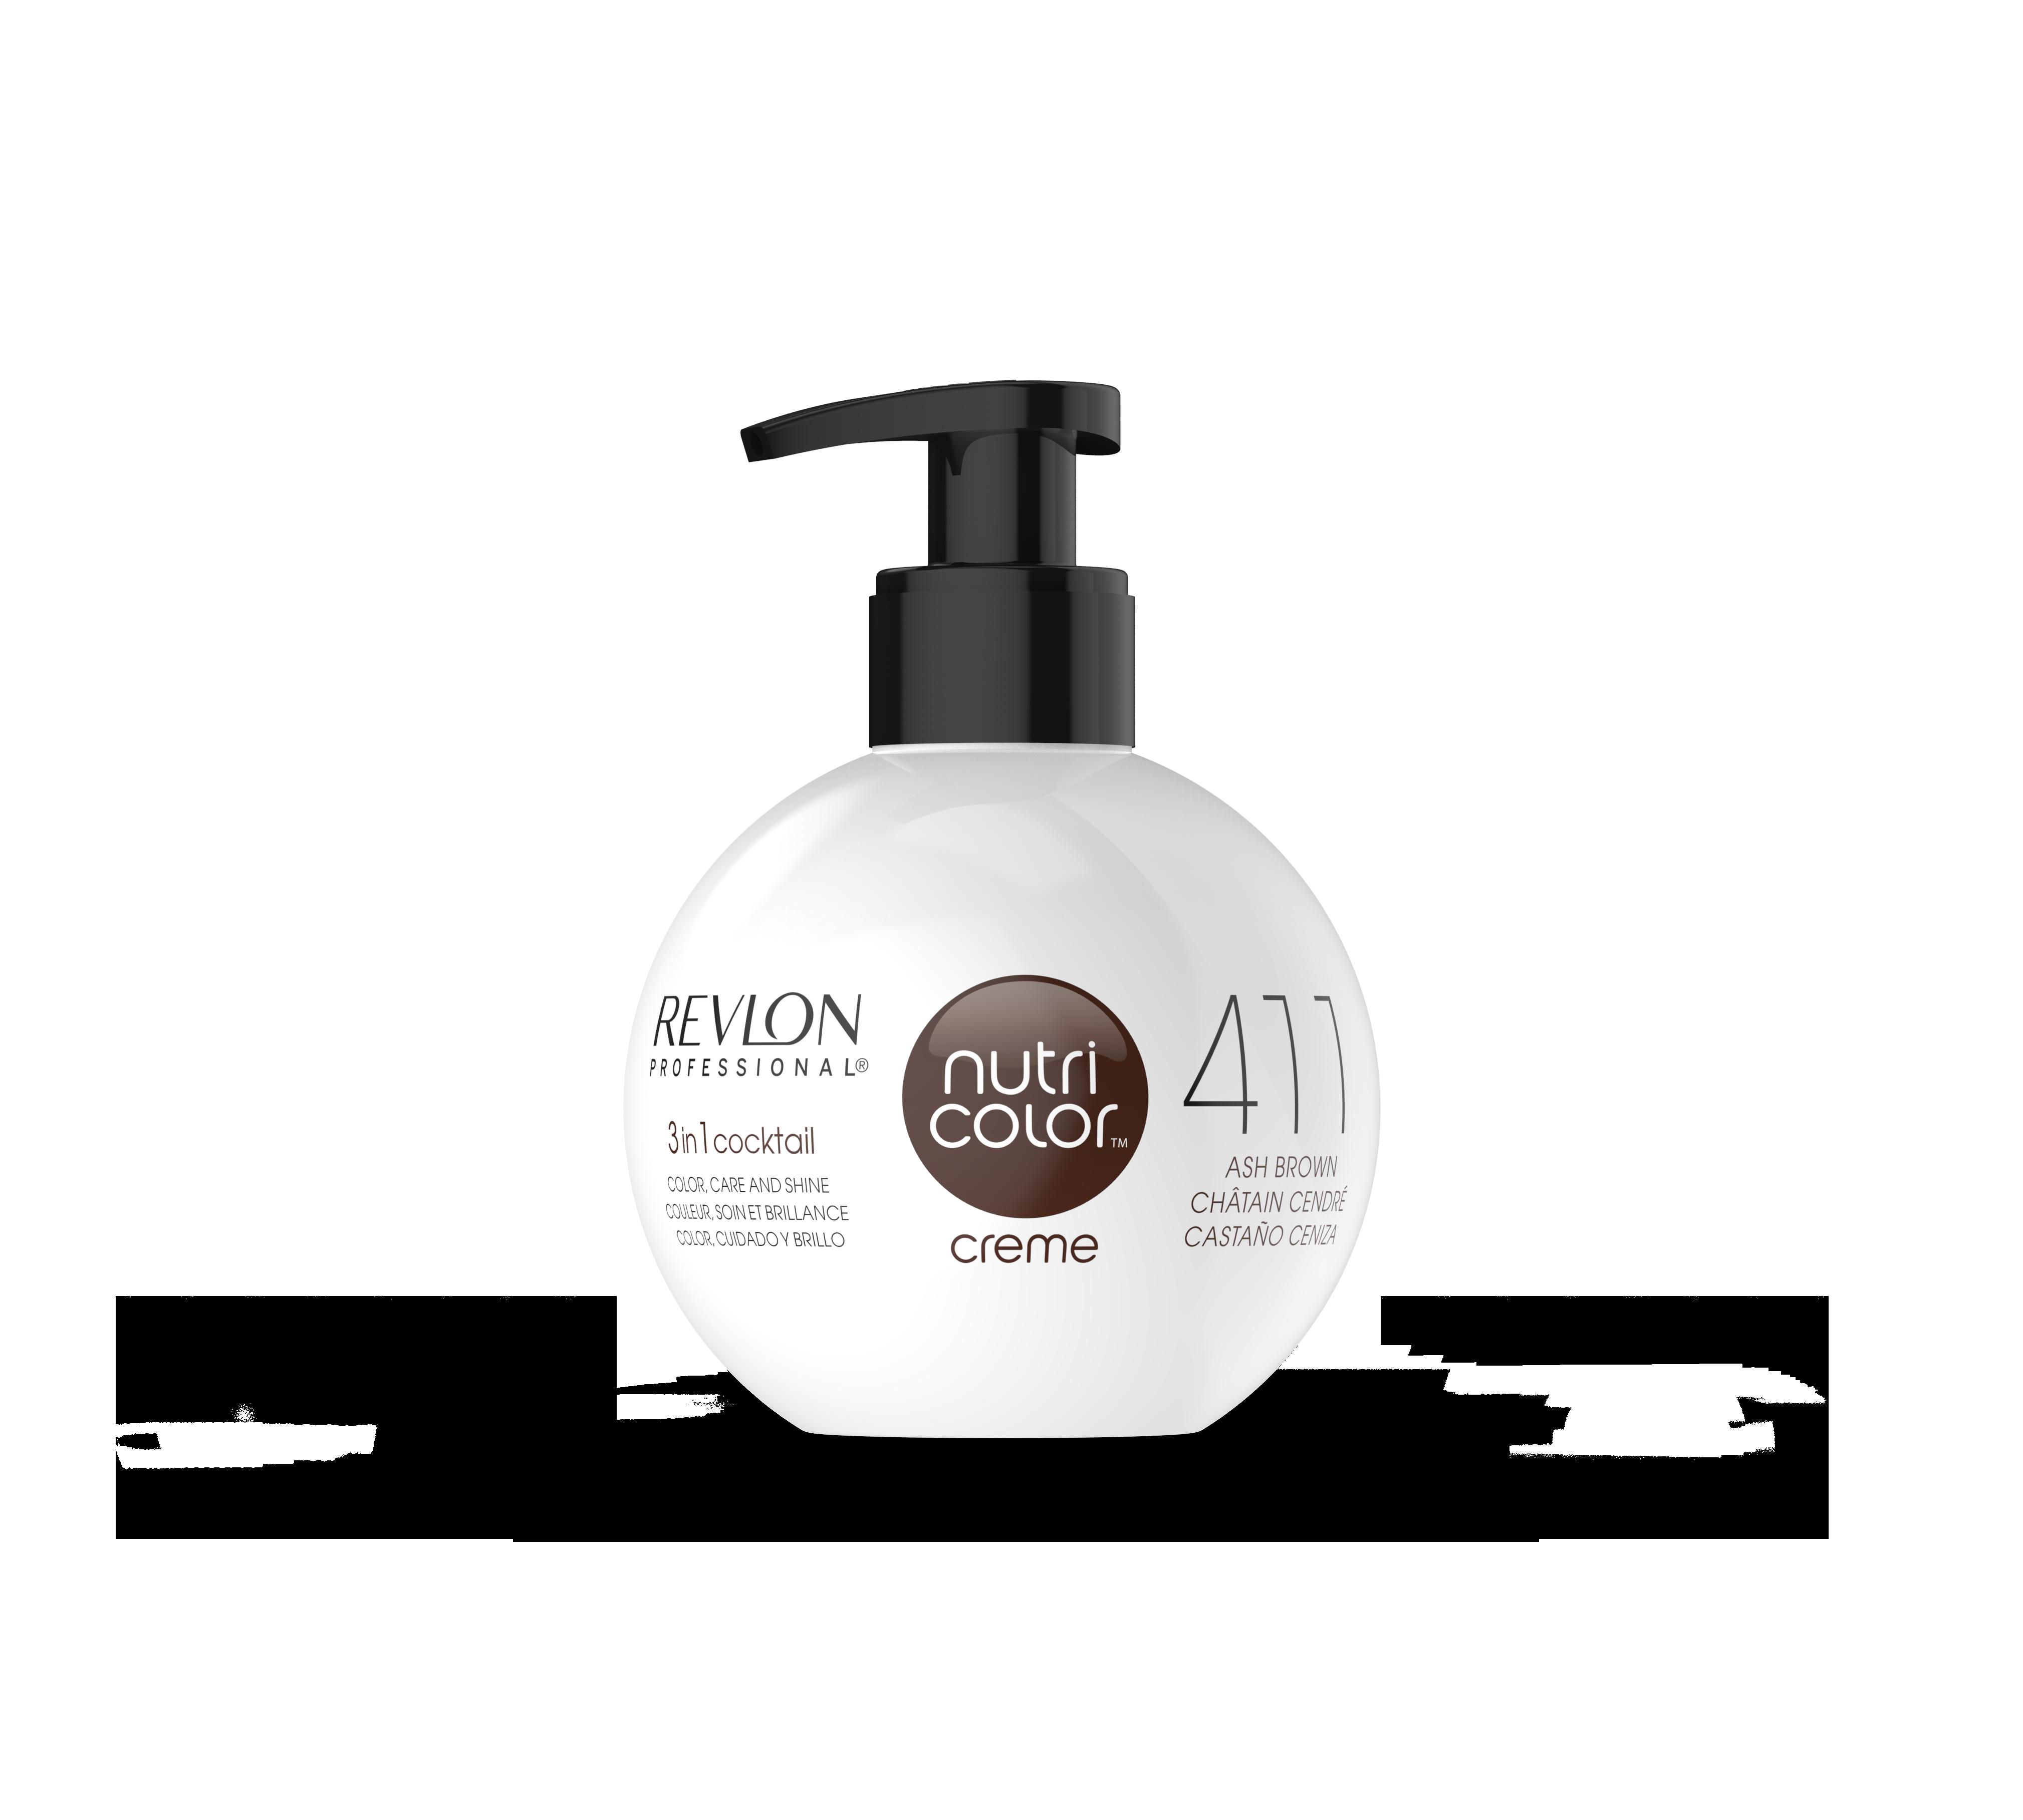 Купить REVLON Professional 411 краска 3 в 1 для волос, коричневый / NUTRI COLOR CREME 270 мл, Бежевый и коричневый